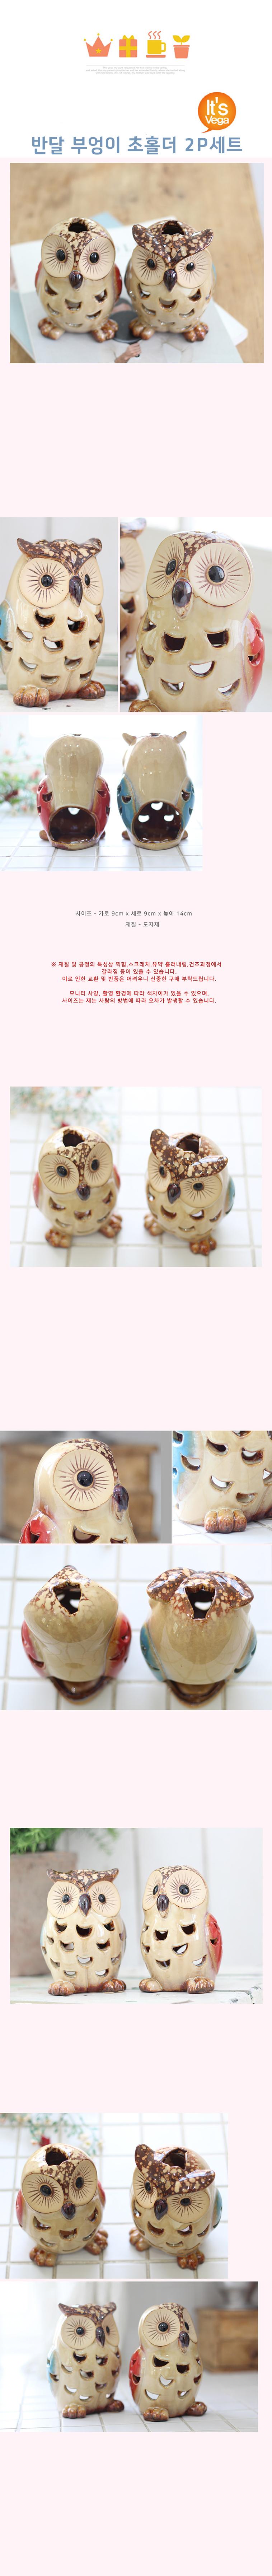 반달 부엉이 초홀더 2P세트 - 베가, 25,000원, 캔들, 캔들홀더/소품